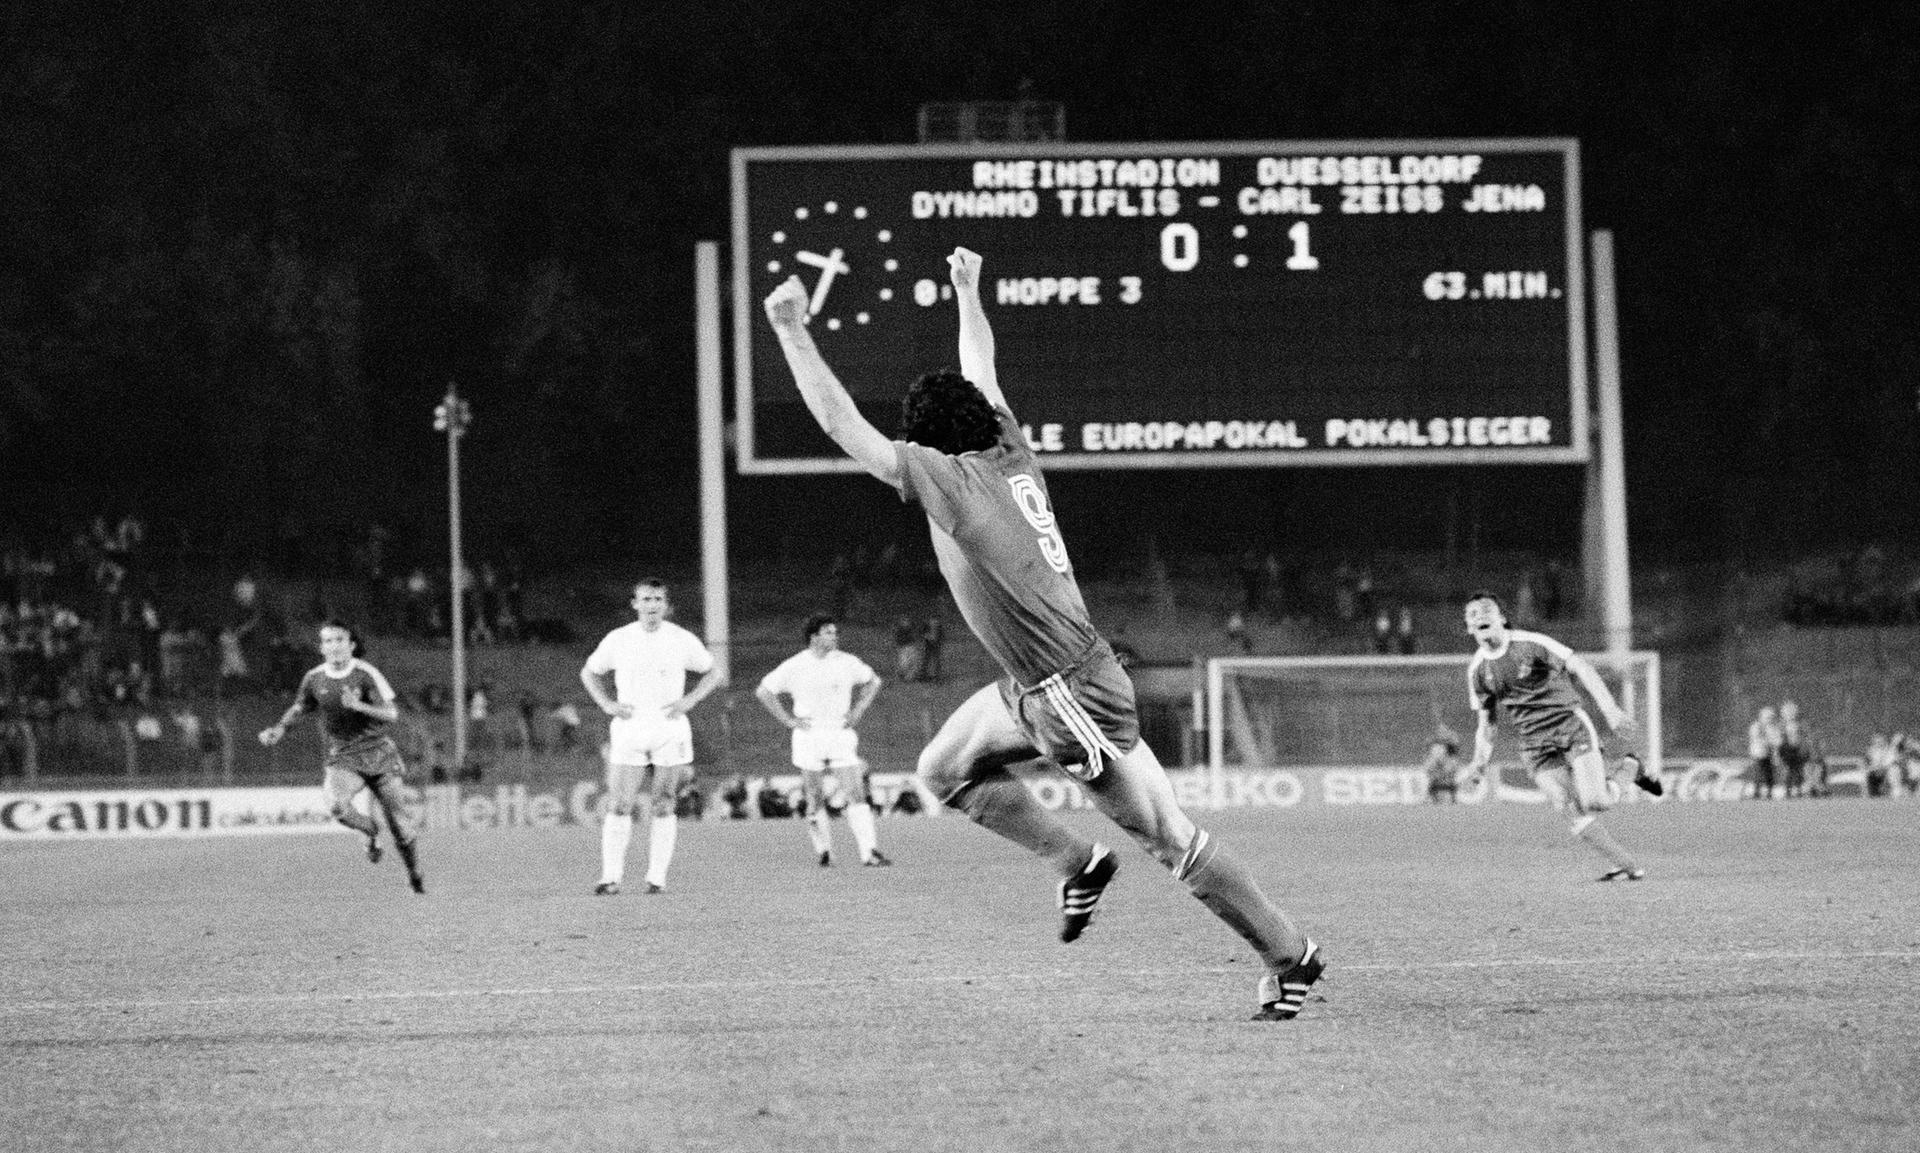 «Как это передать словами, дорогой?» 40 лет назад футболисты тбилисского «Динамо» выиграли Кубок кубков!